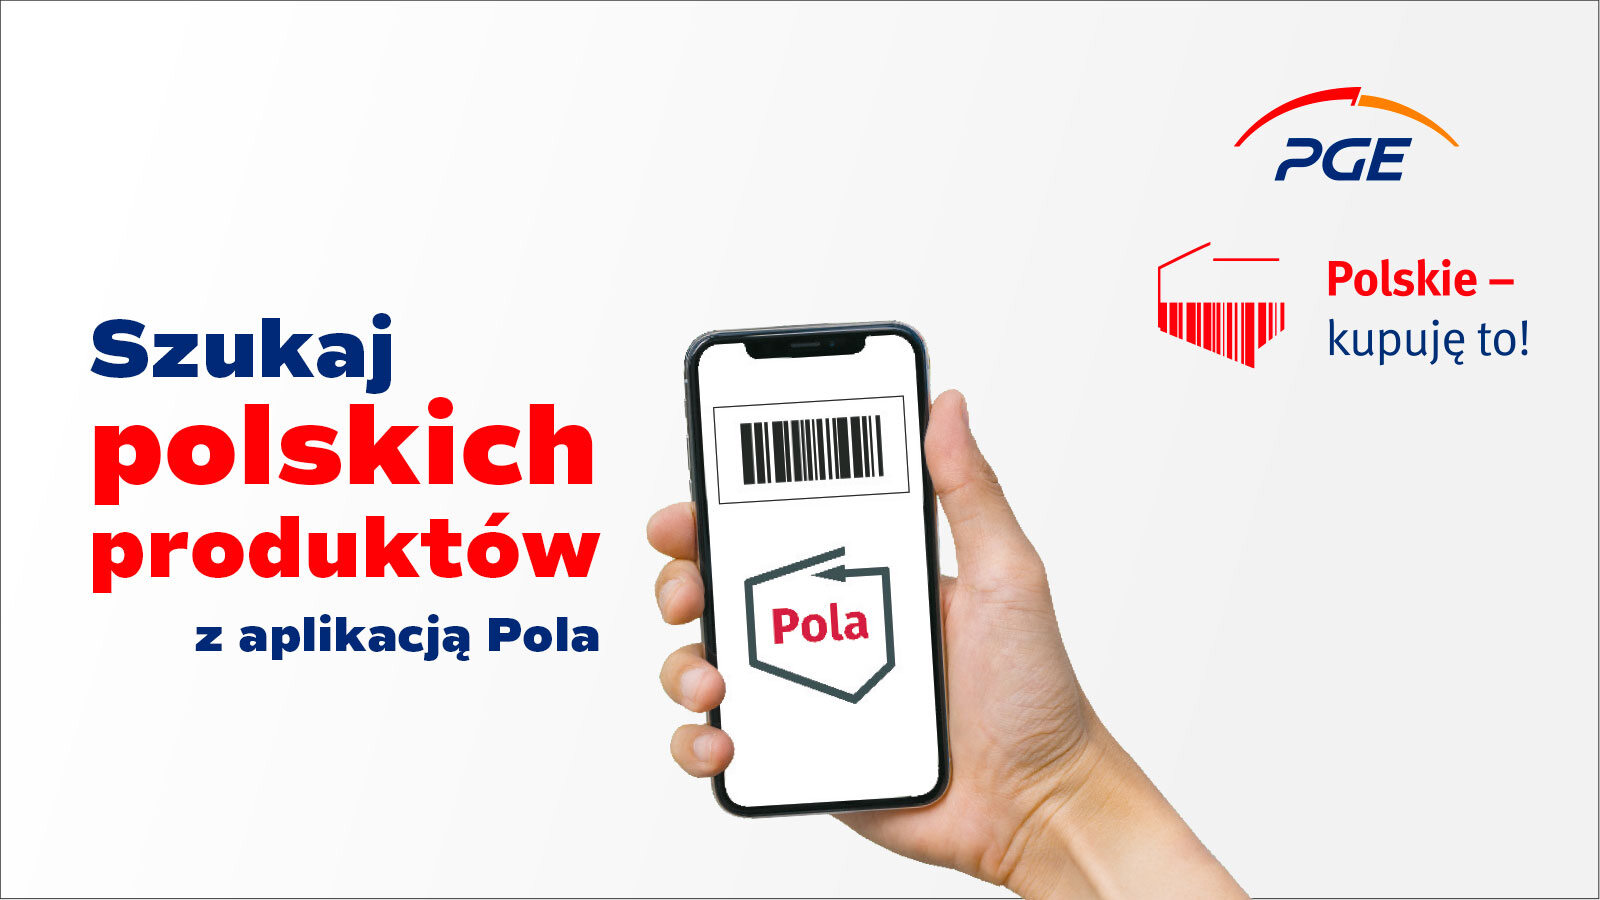 Polskie – kupuję to!